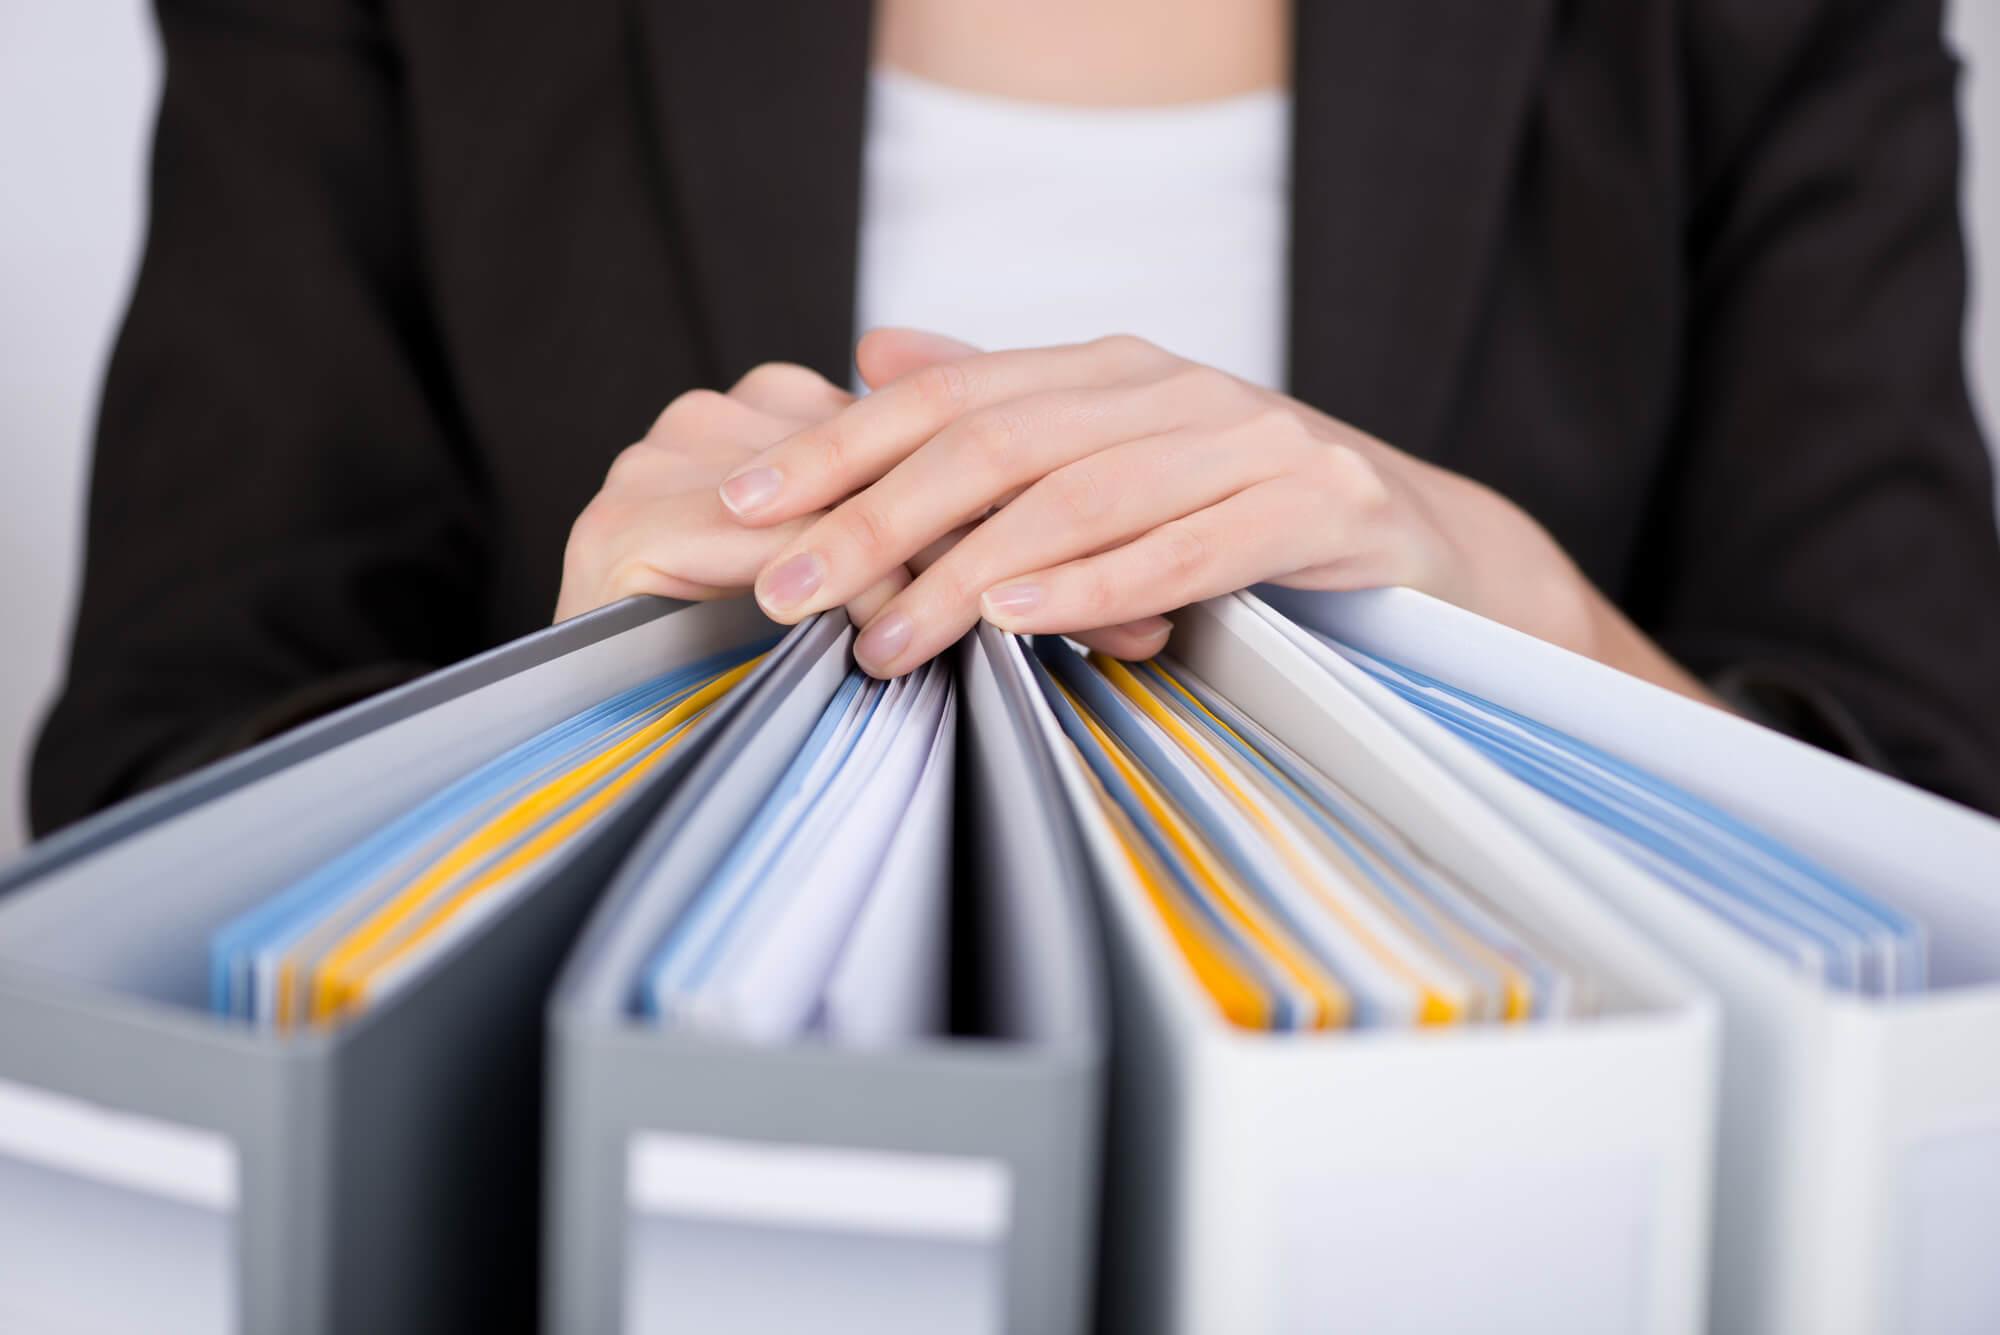 Nowy obowiązek dla przedsiębiorców względem ZUS od 2021 r